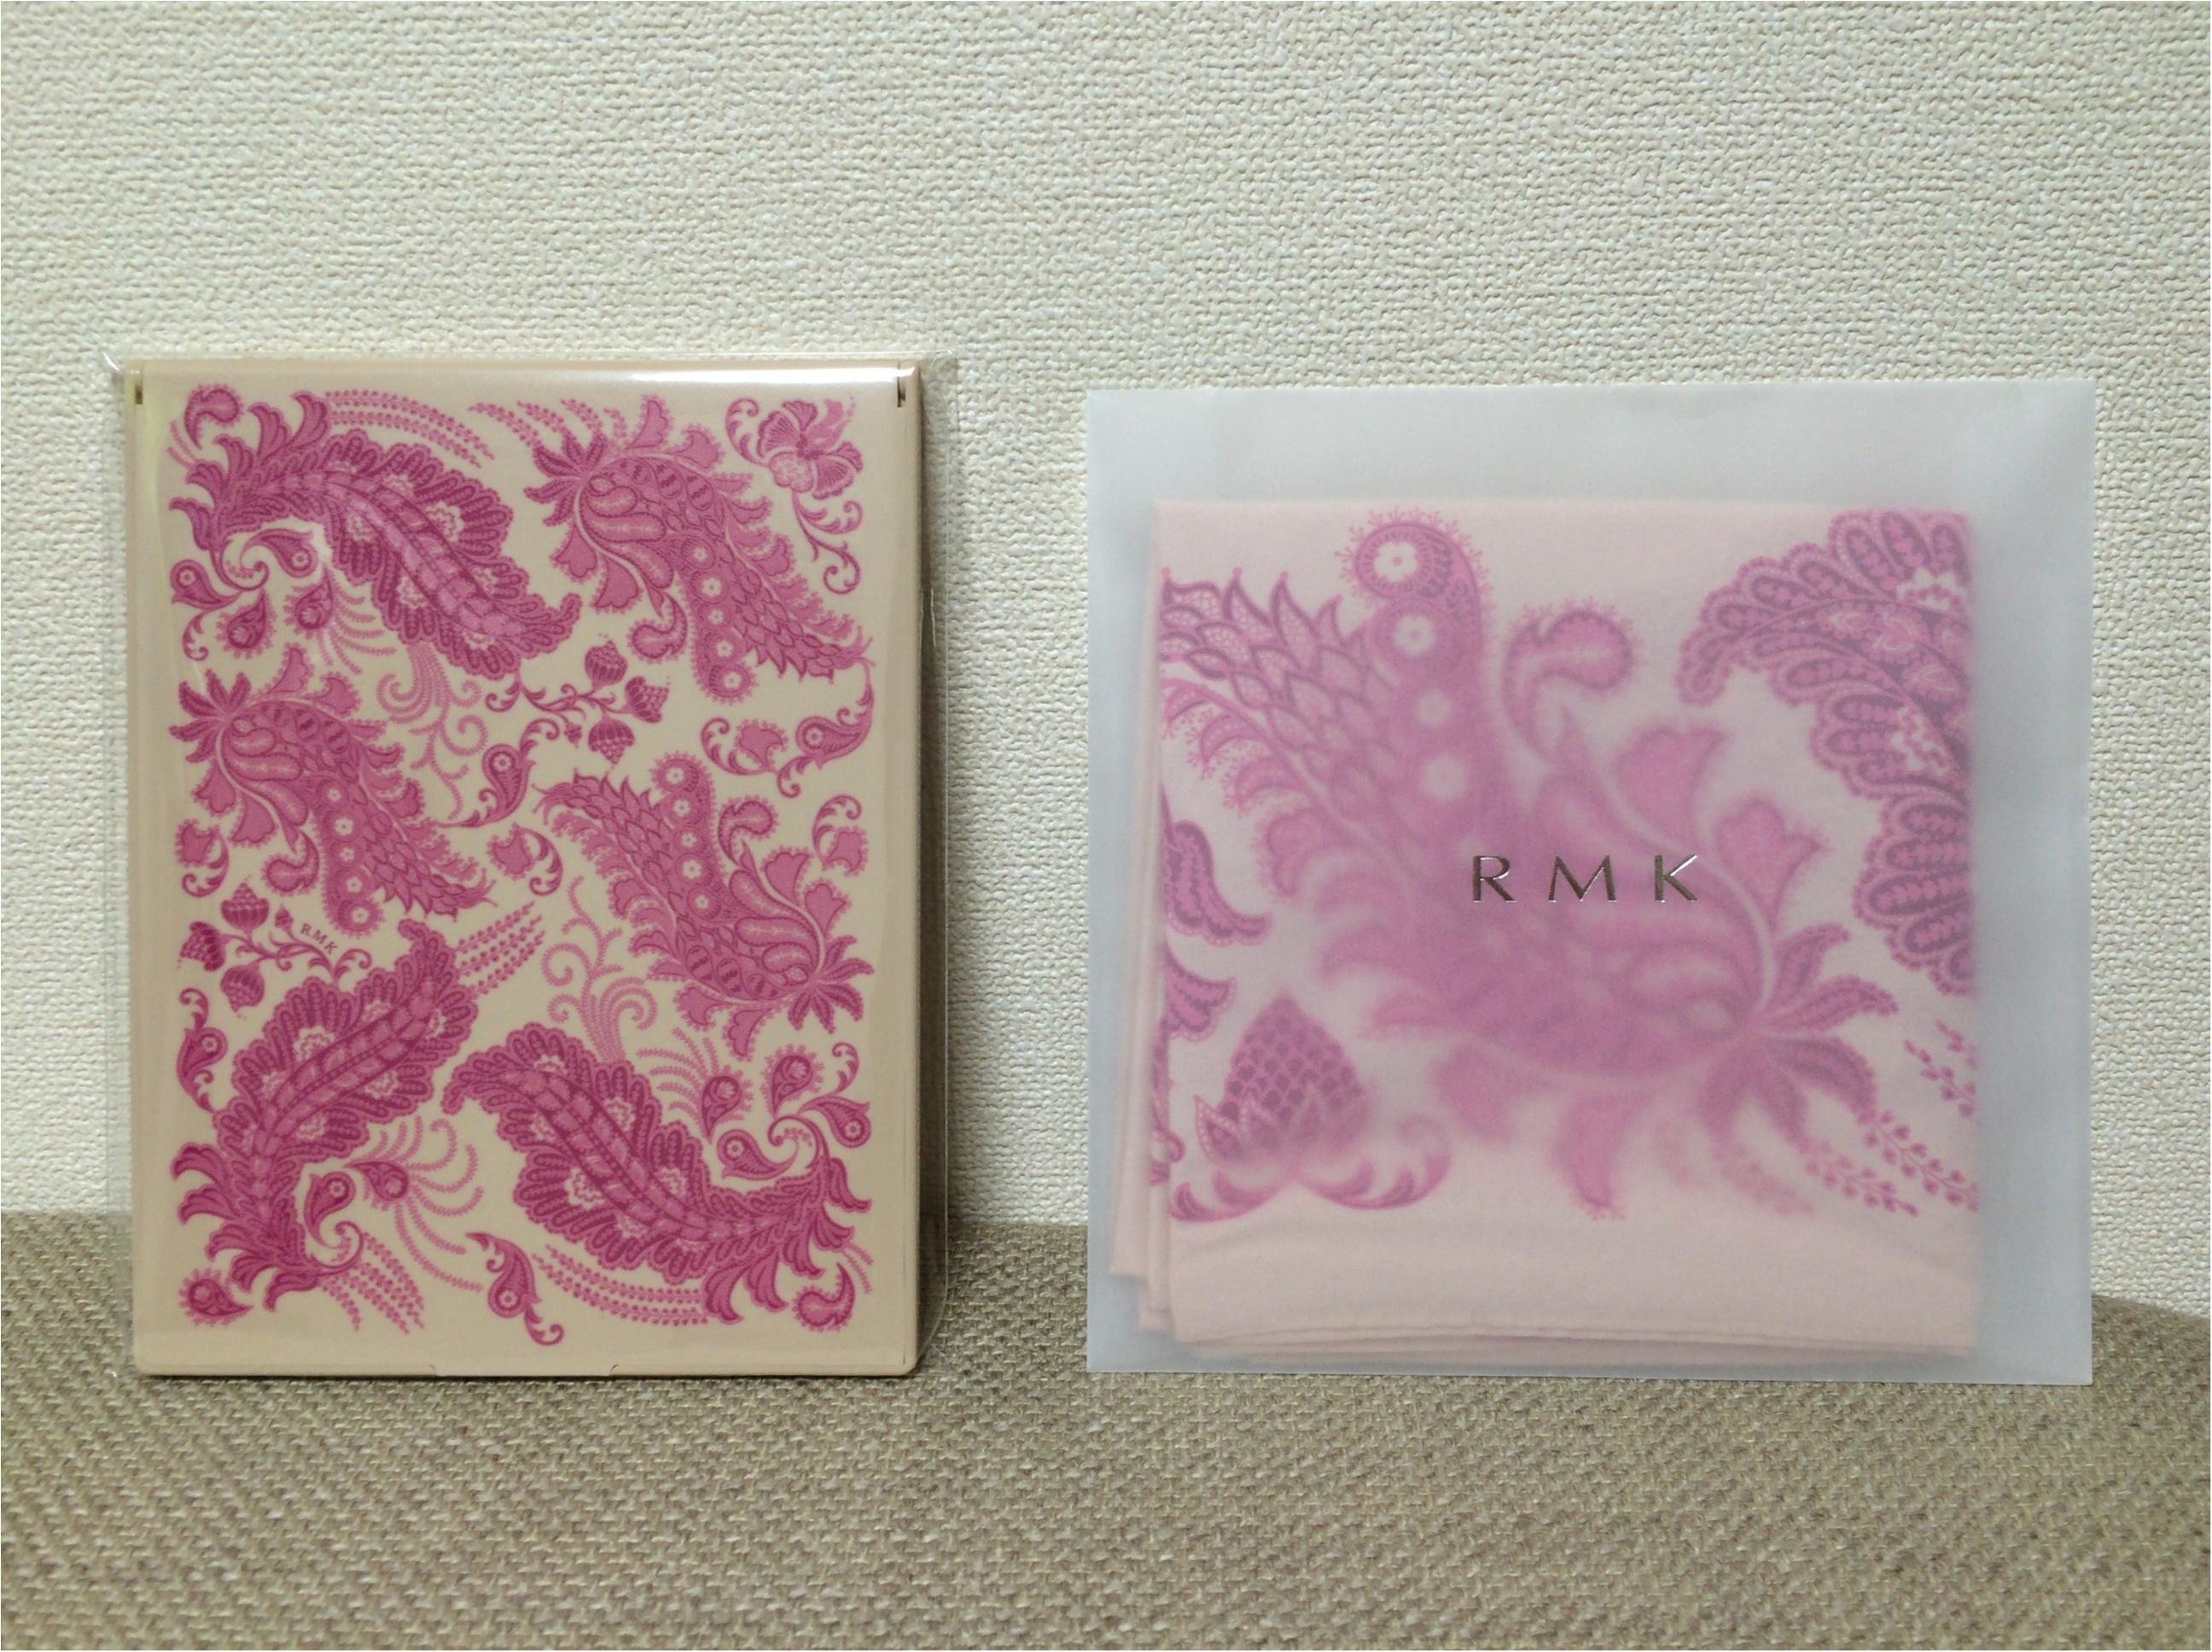 【RMK春夏】「ピンク×ベージュ」イベントのメイク体験レポ!around27に似合う、新生《大人ピンク》顔とは??_19